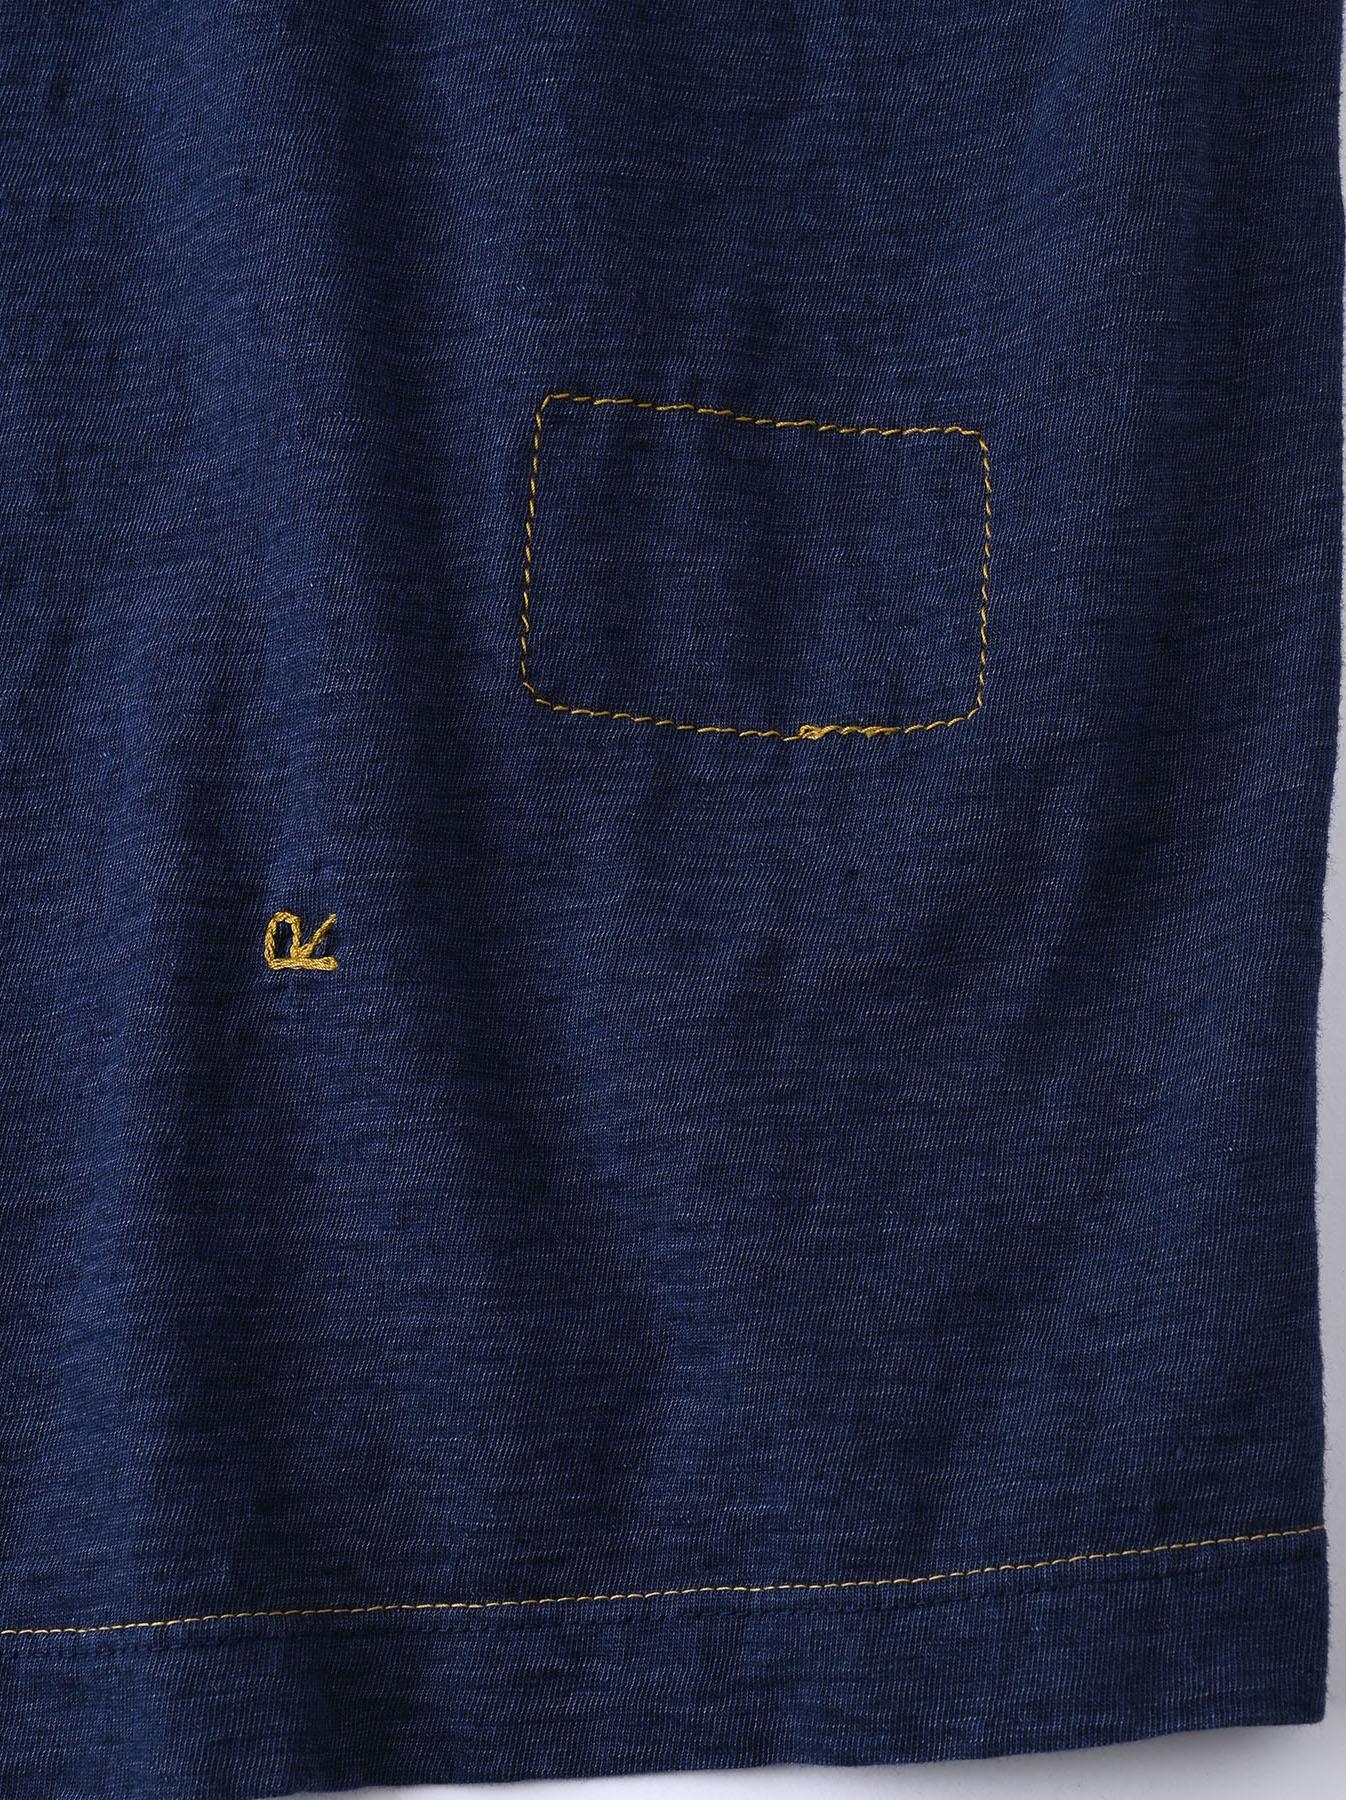 Indigo Smile R Embroidery 908 Ocean T-shirt (0621)-11